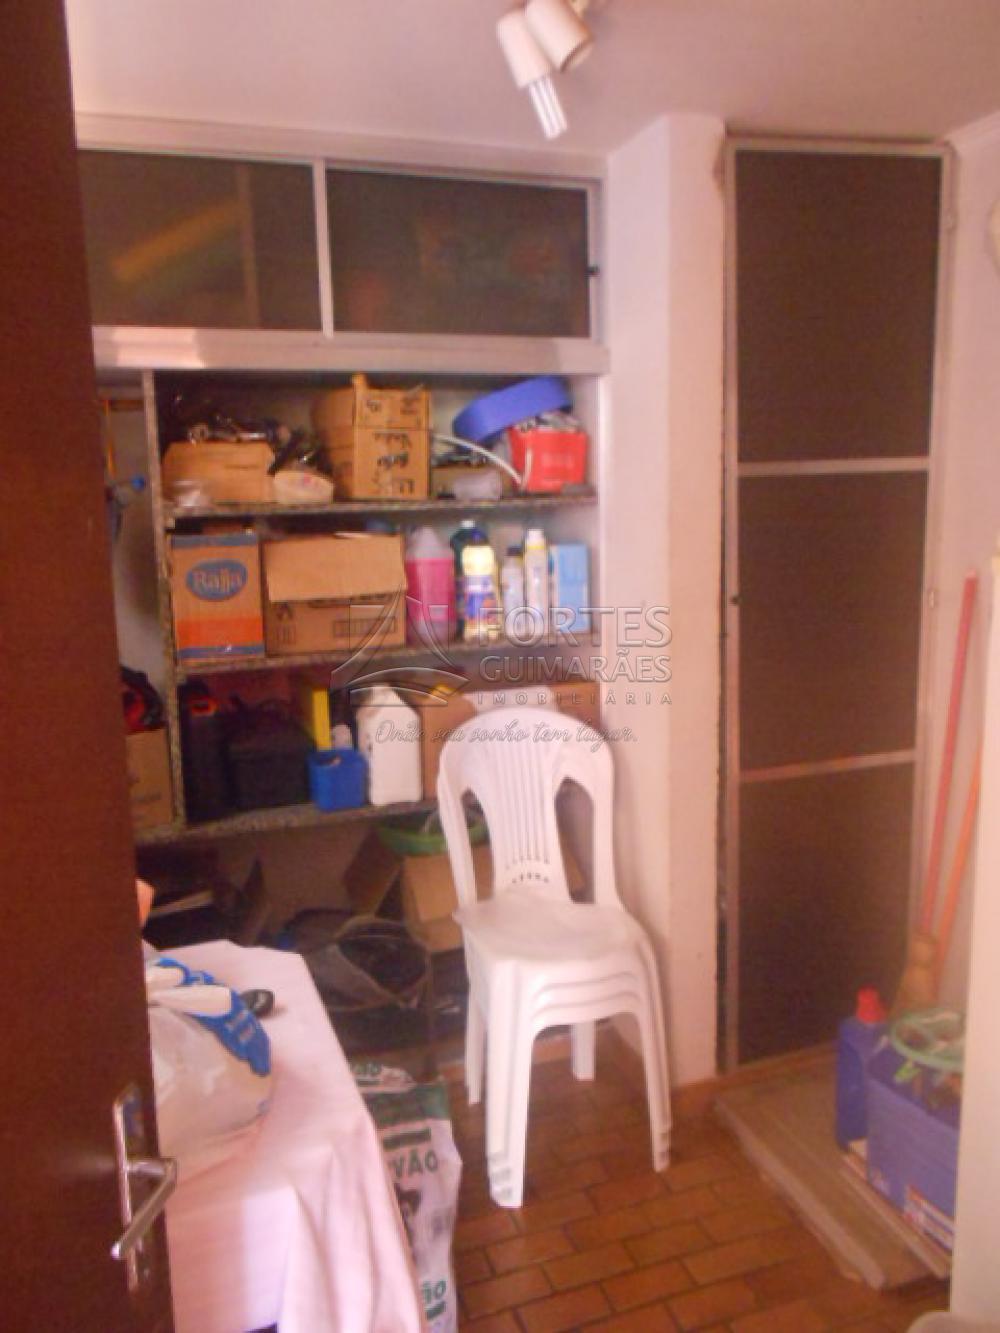 Alugar Casas / Padrão em Ribeirão Preto apenas R$ 2.000,00 - Foto 35